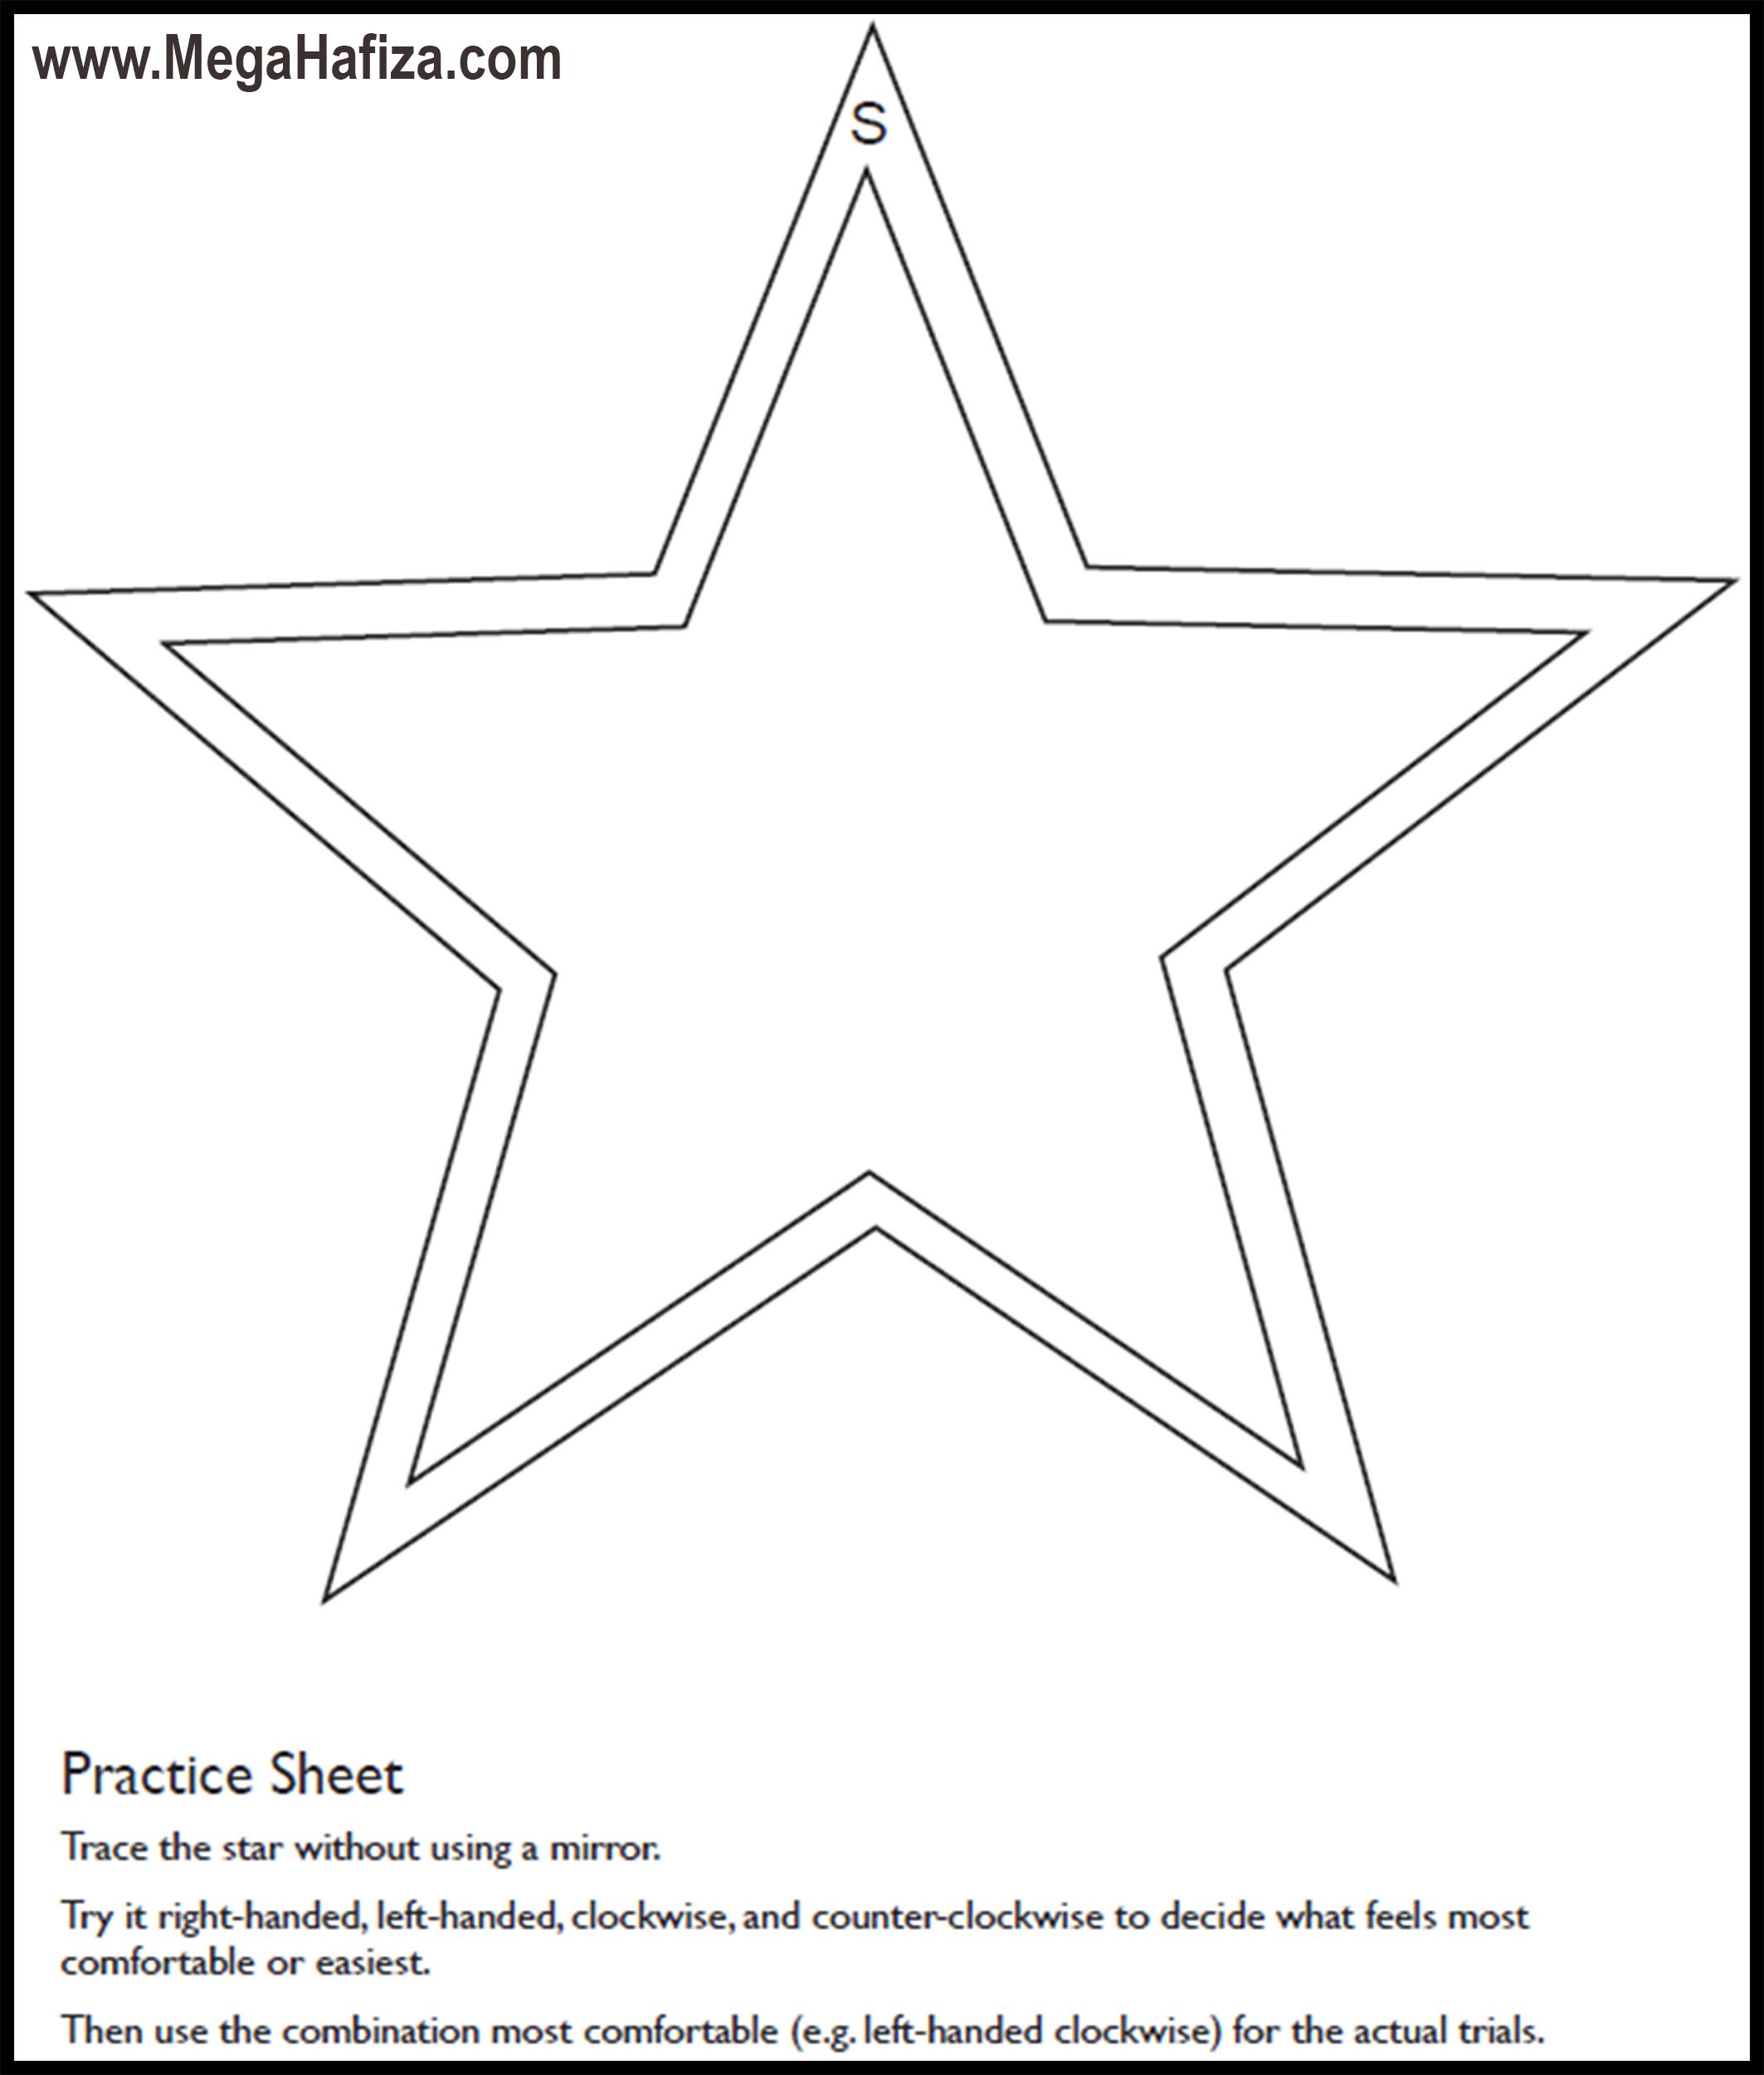 aynadan yansımayı görerek çizme görevi - 5 uçlu yıldız çizimi